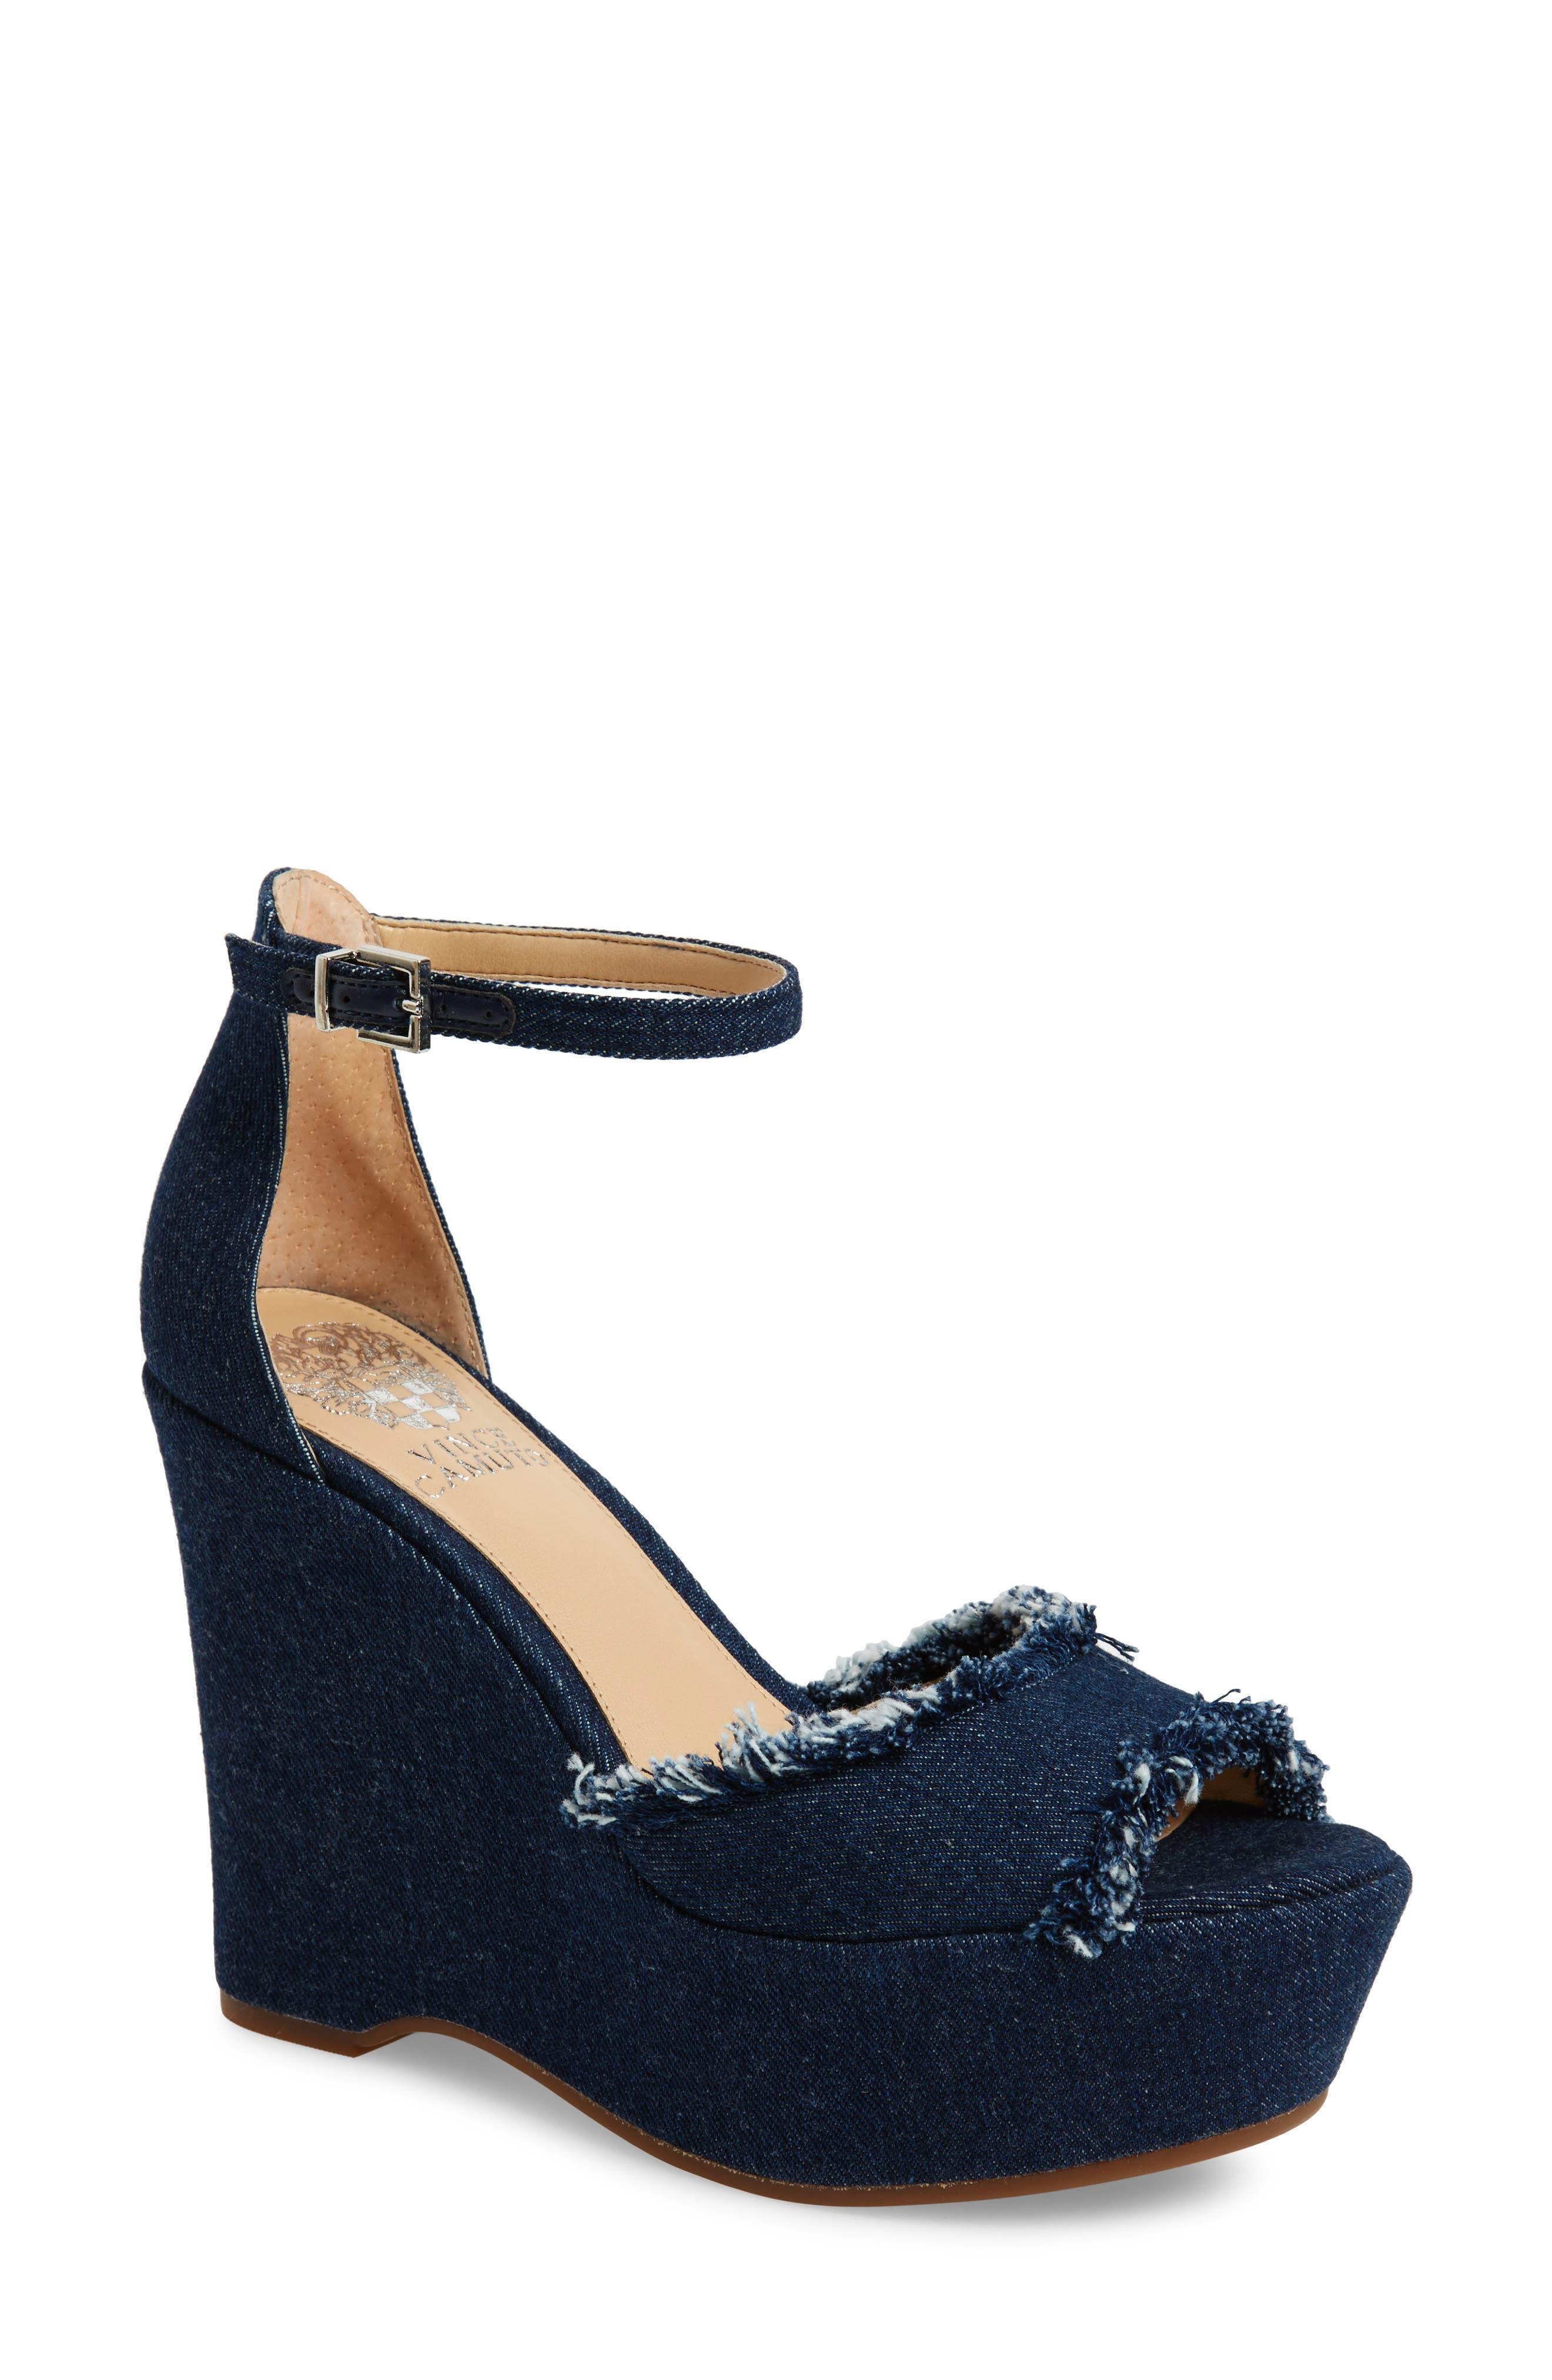 Tatchen Ankle Strap Platform Sandal,                         Main,                         color, Dark Blue Denim